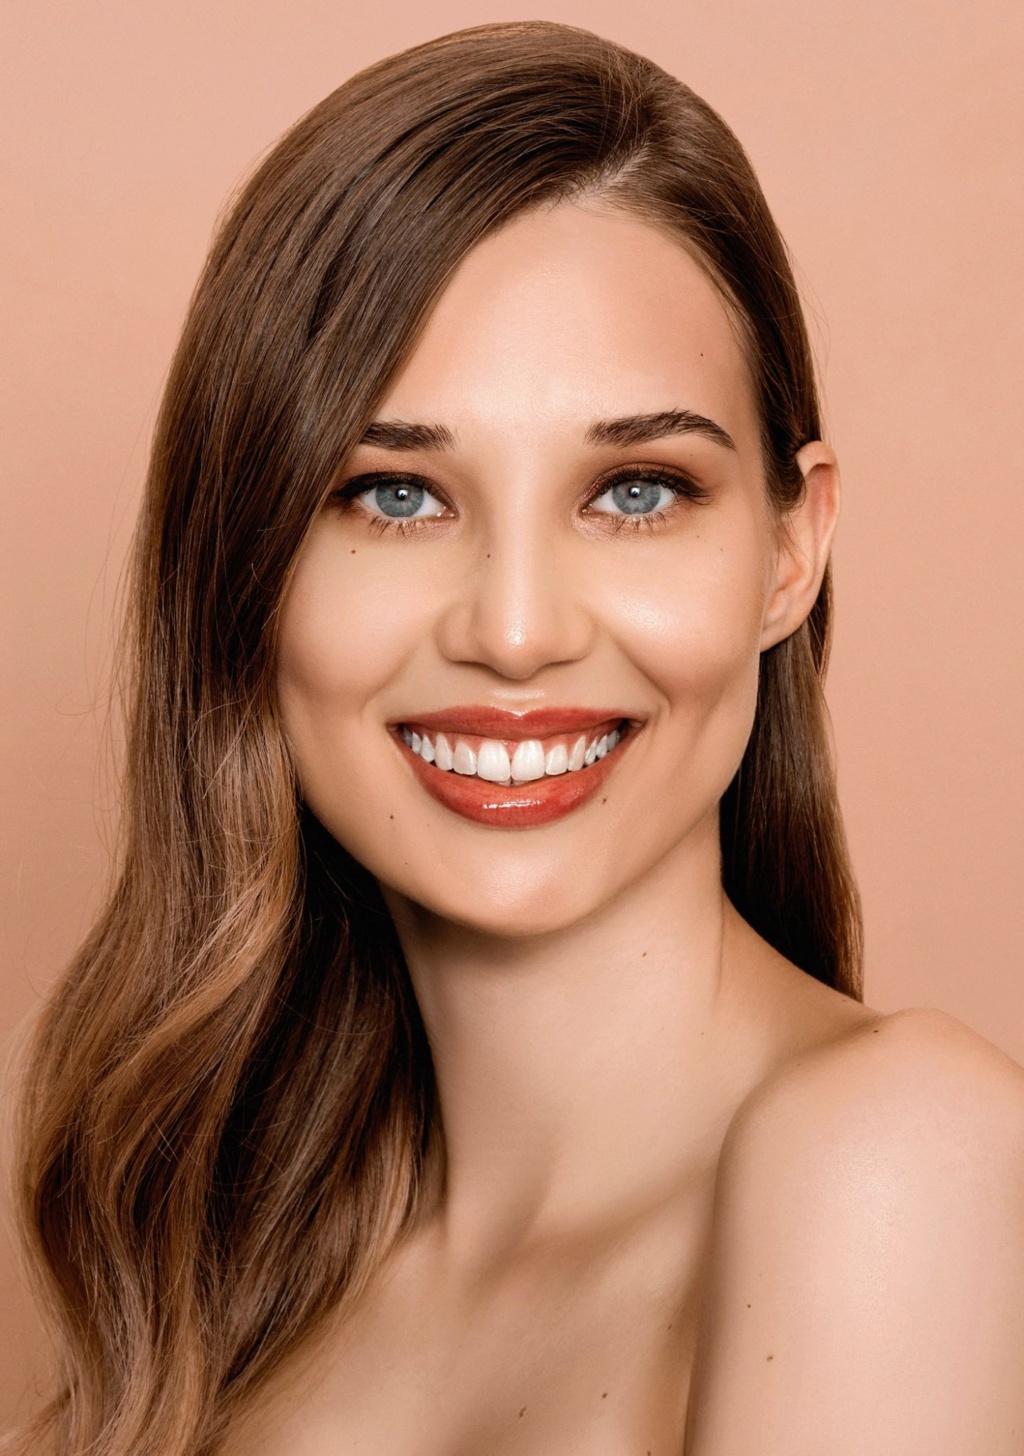 Miss Slovensko 2019 is Frederika Kurtulikova - Page 2 50448710